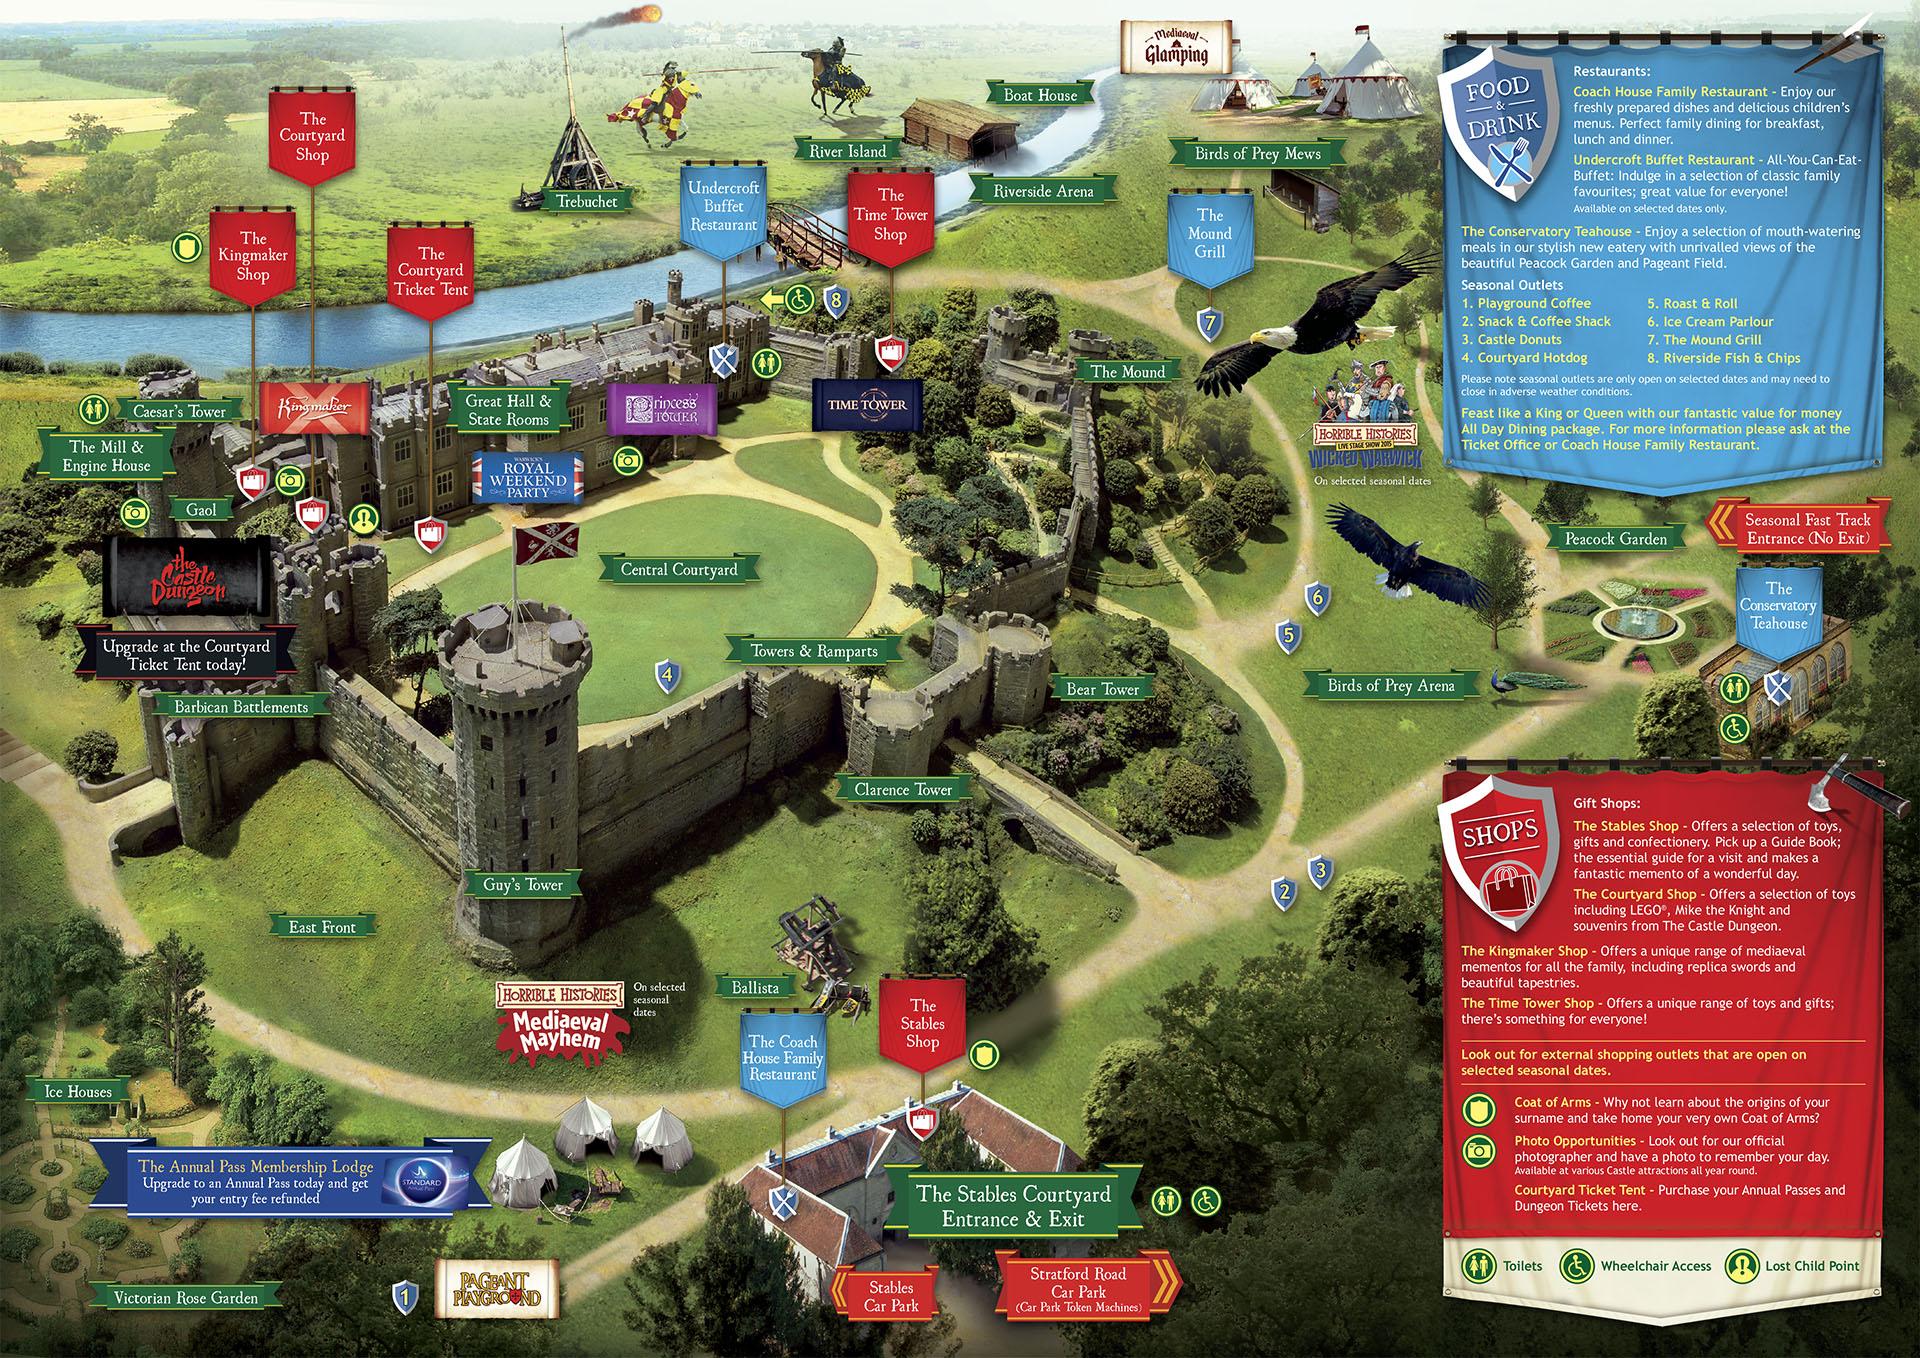 warwick map.jpg